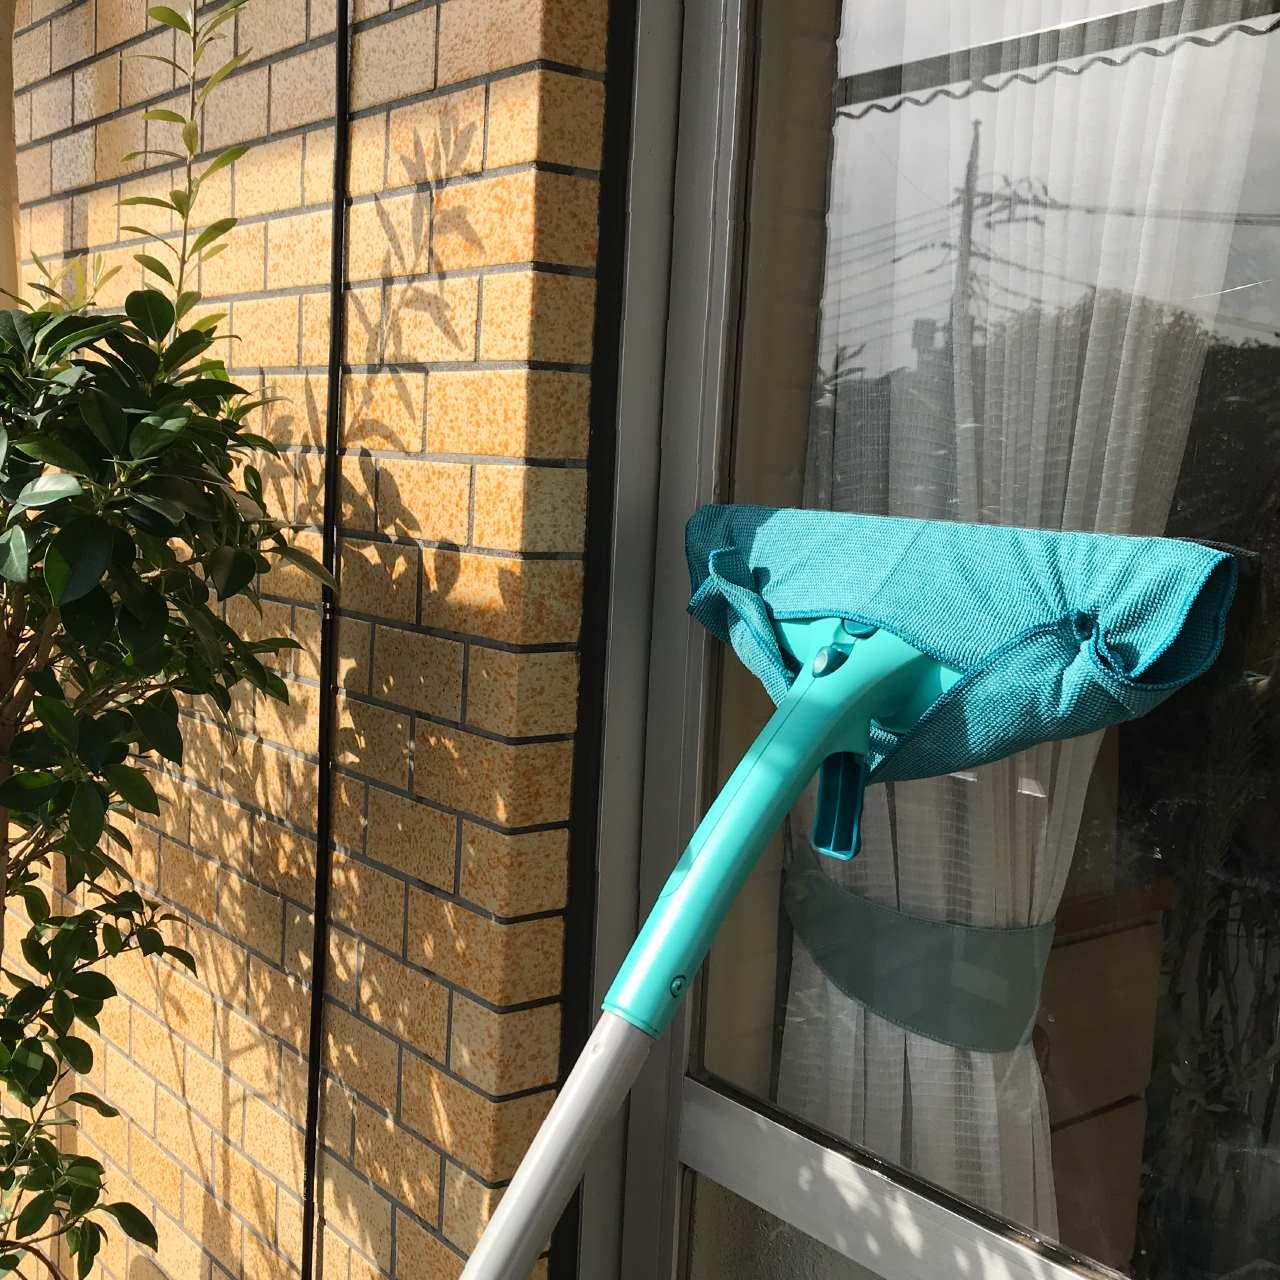 【窓とお風呂、水回りのお掃除に!】ライフハイト ピコスプレーウインドウ & マイクロファイバーパット & マイクロテッククロス & バスタブグローブ 4点セット